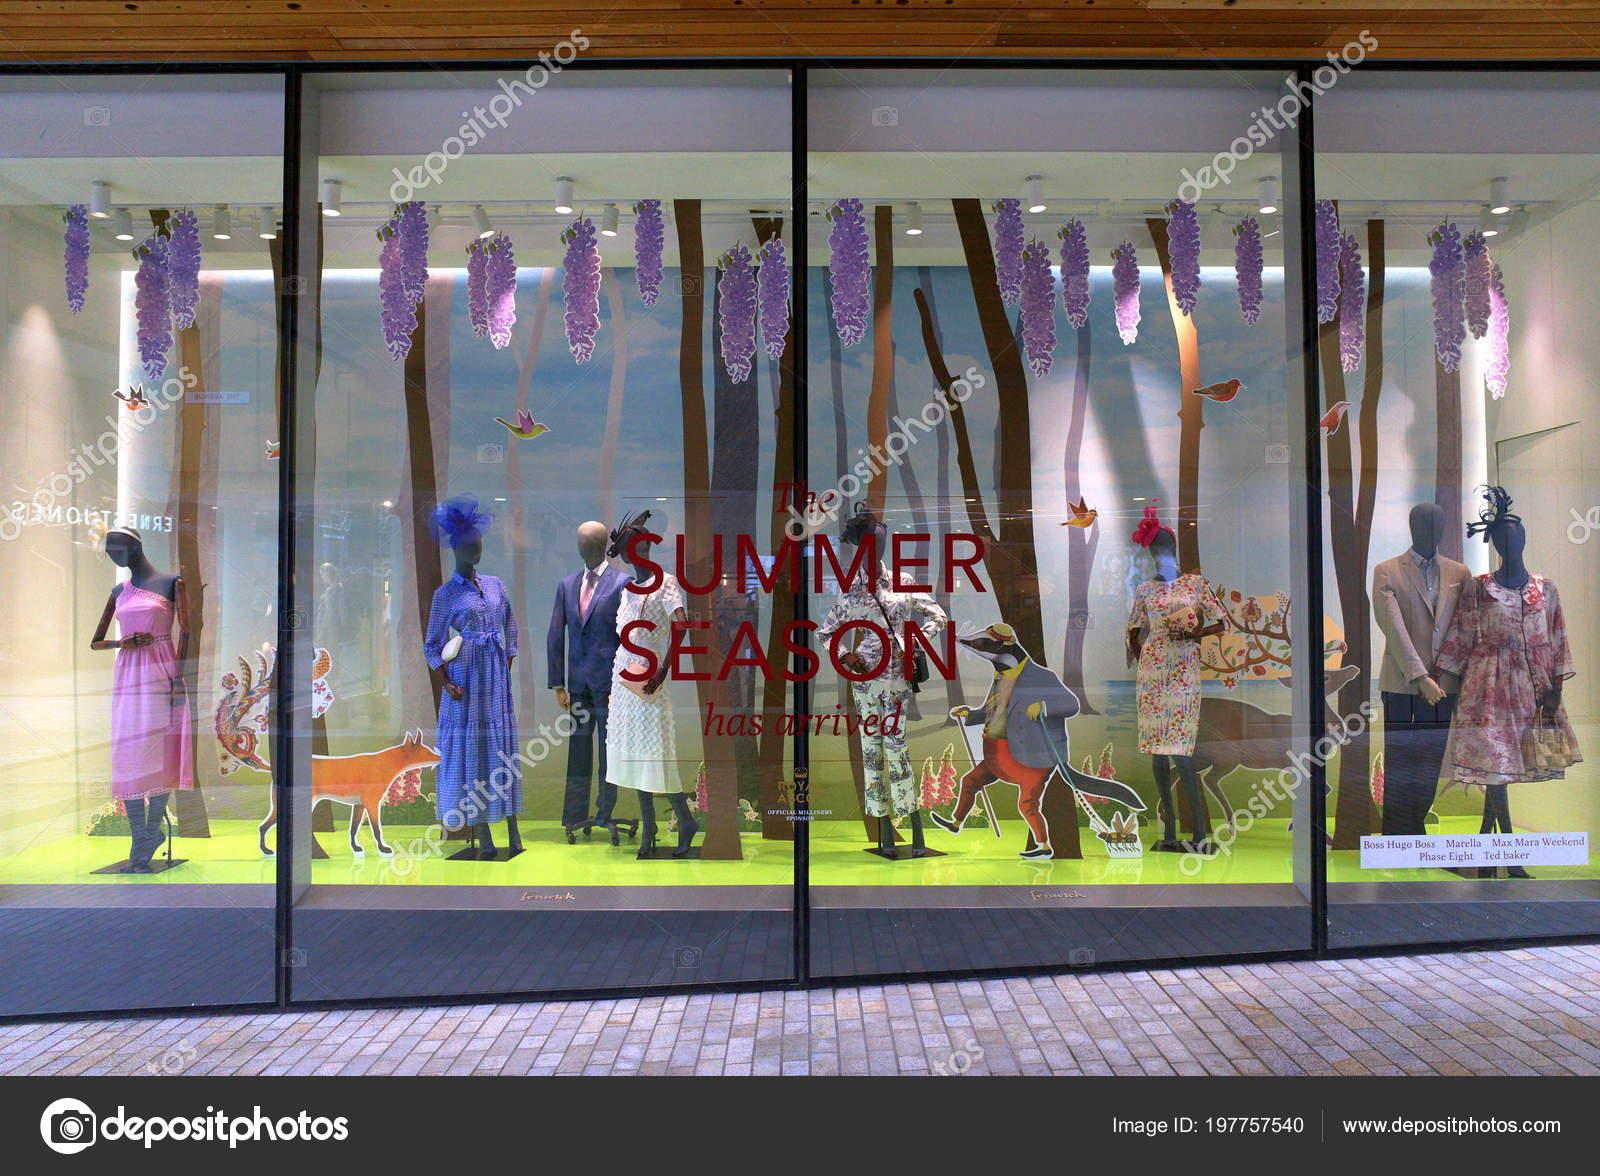 7988ed6554e661 Mai 2018: Formale Sommer Modekleidung für die Royal Ascot Racing Week in  die Schaufenster des Kaufhauses Fenwick in Bracknell, England — Foto von ...